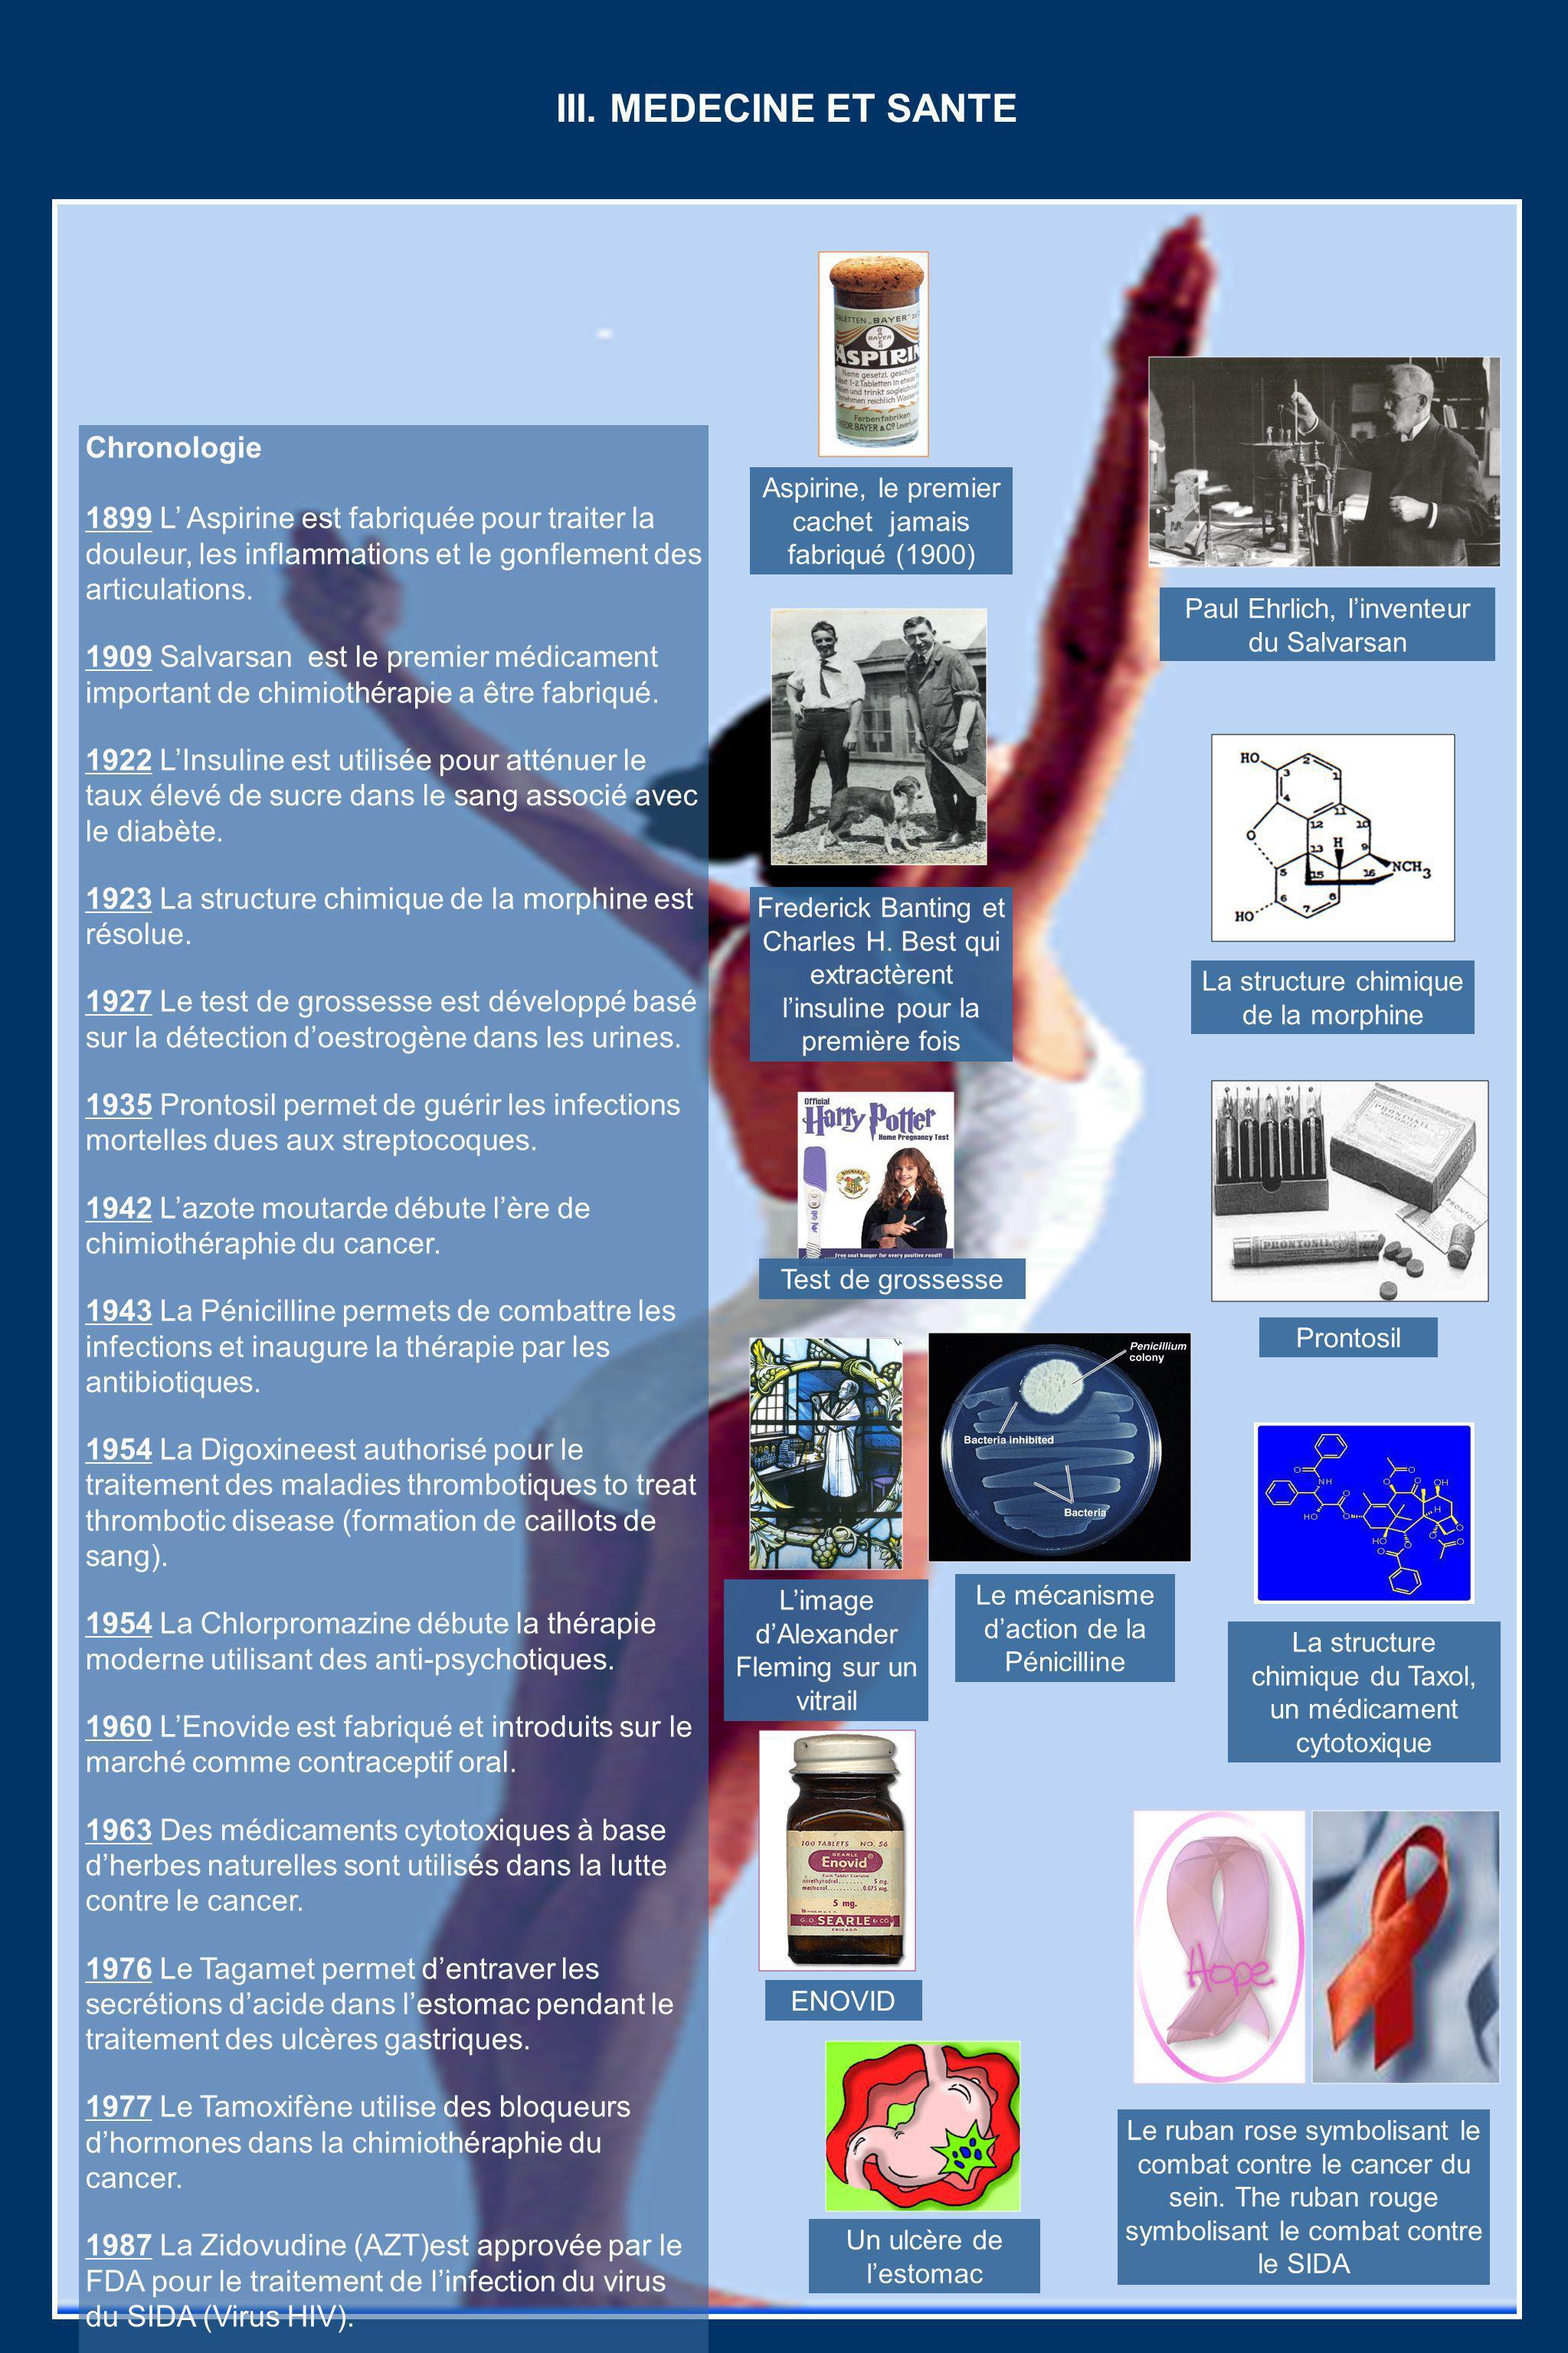 III. MEDECINE ET SANTE Chronologie 1899 L Aspirine est fabriquée pour traiter la douleur, les inflammations et le gonflement des articulations. 1909 S